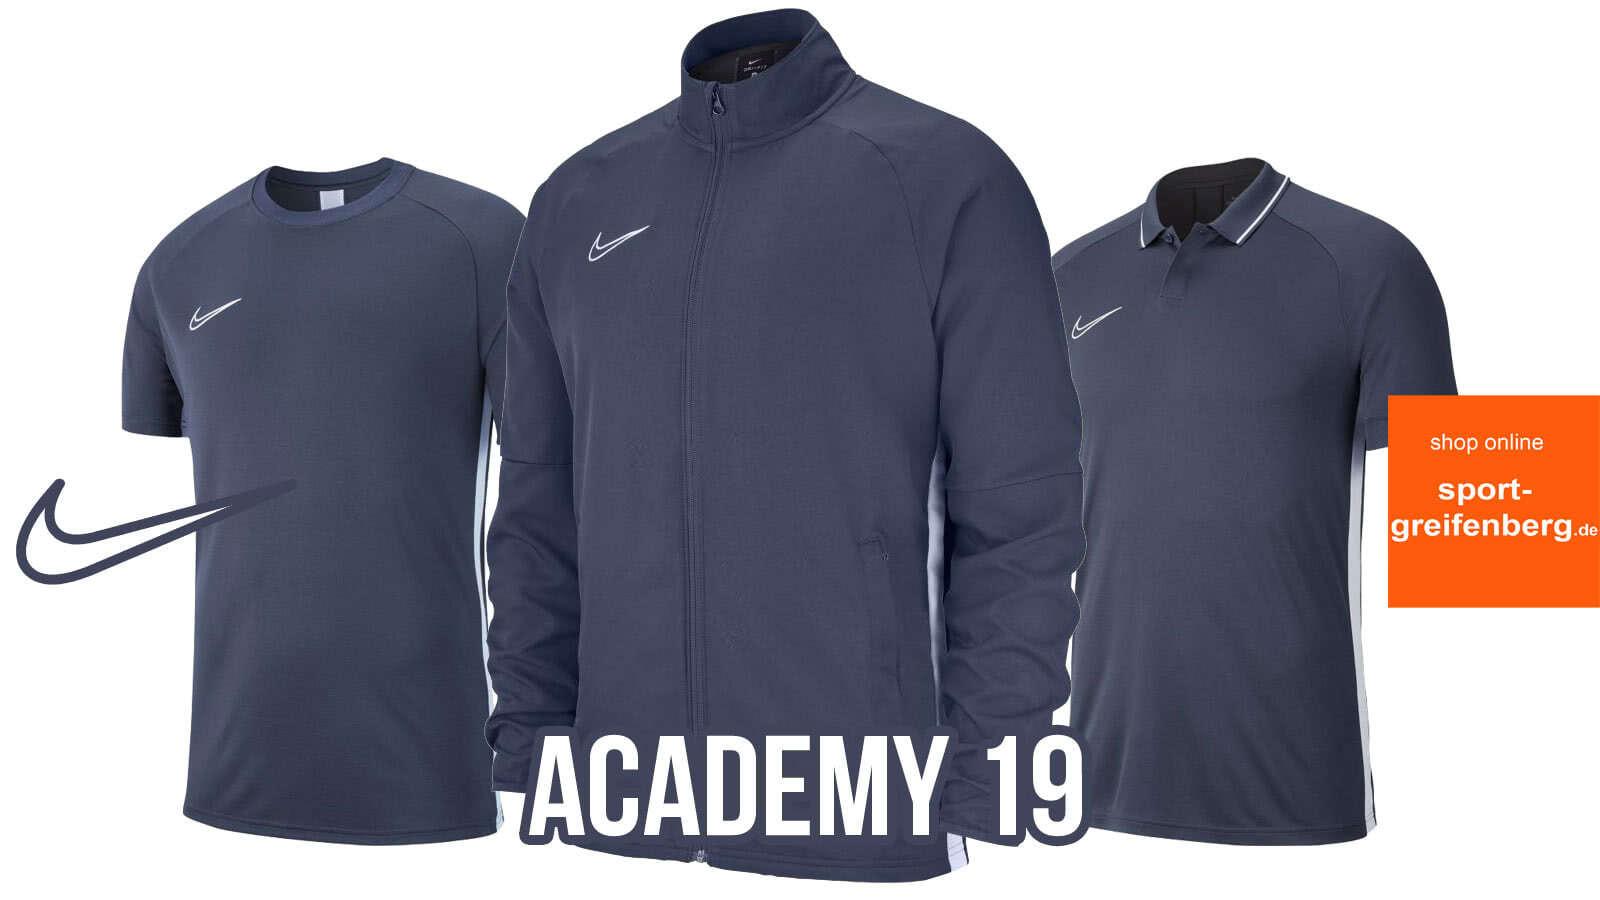 Die Nike Academy 19 Teamsport Linie